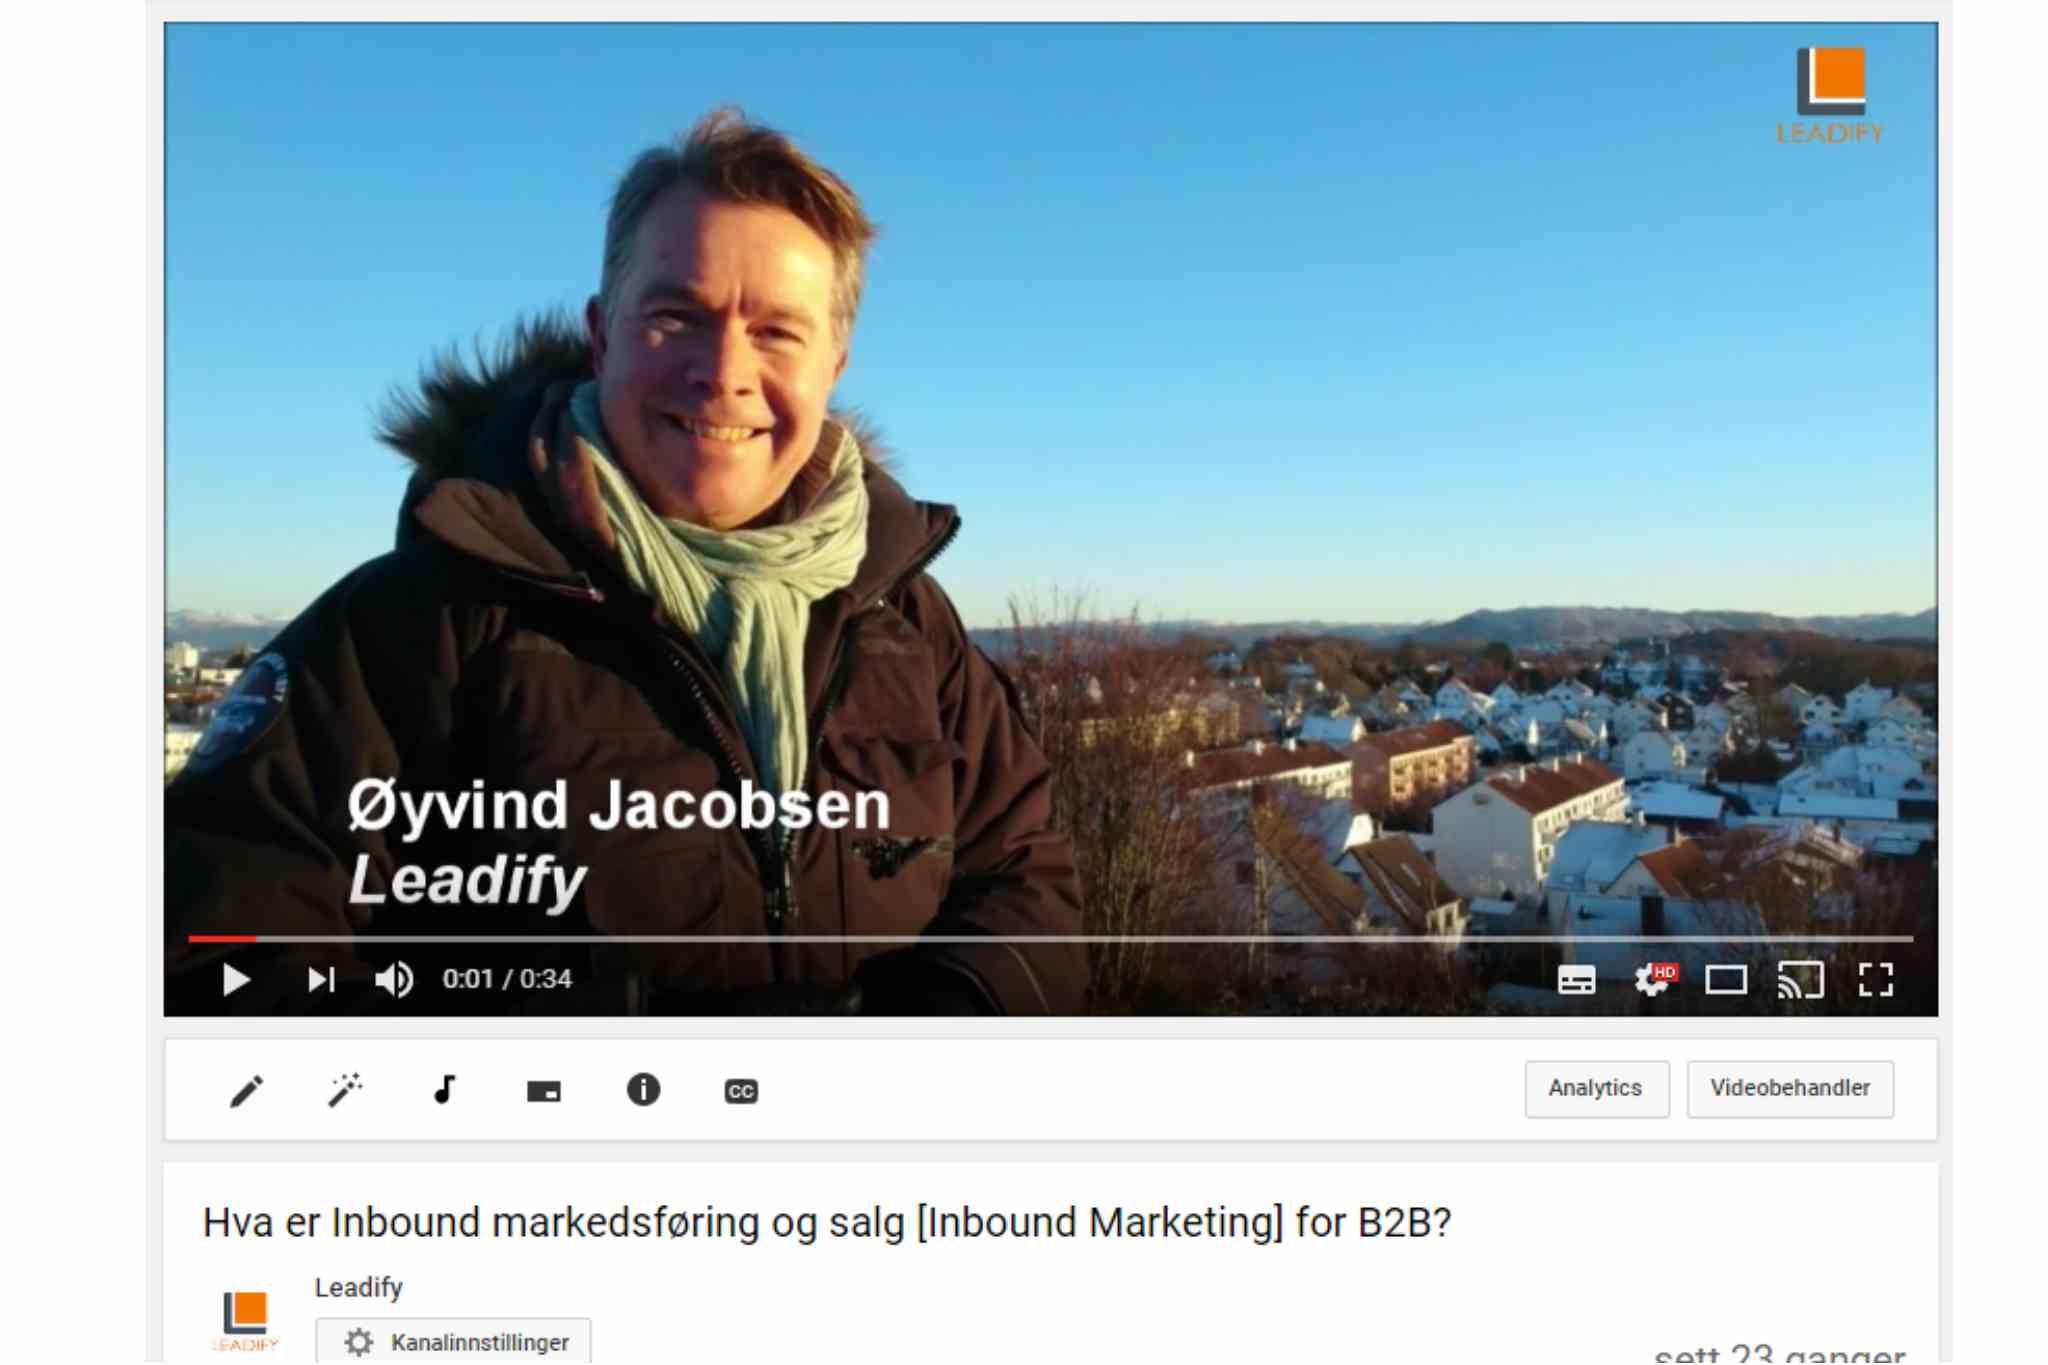 Video i Markedsføring og Salg B2B - funker det? [1:2]